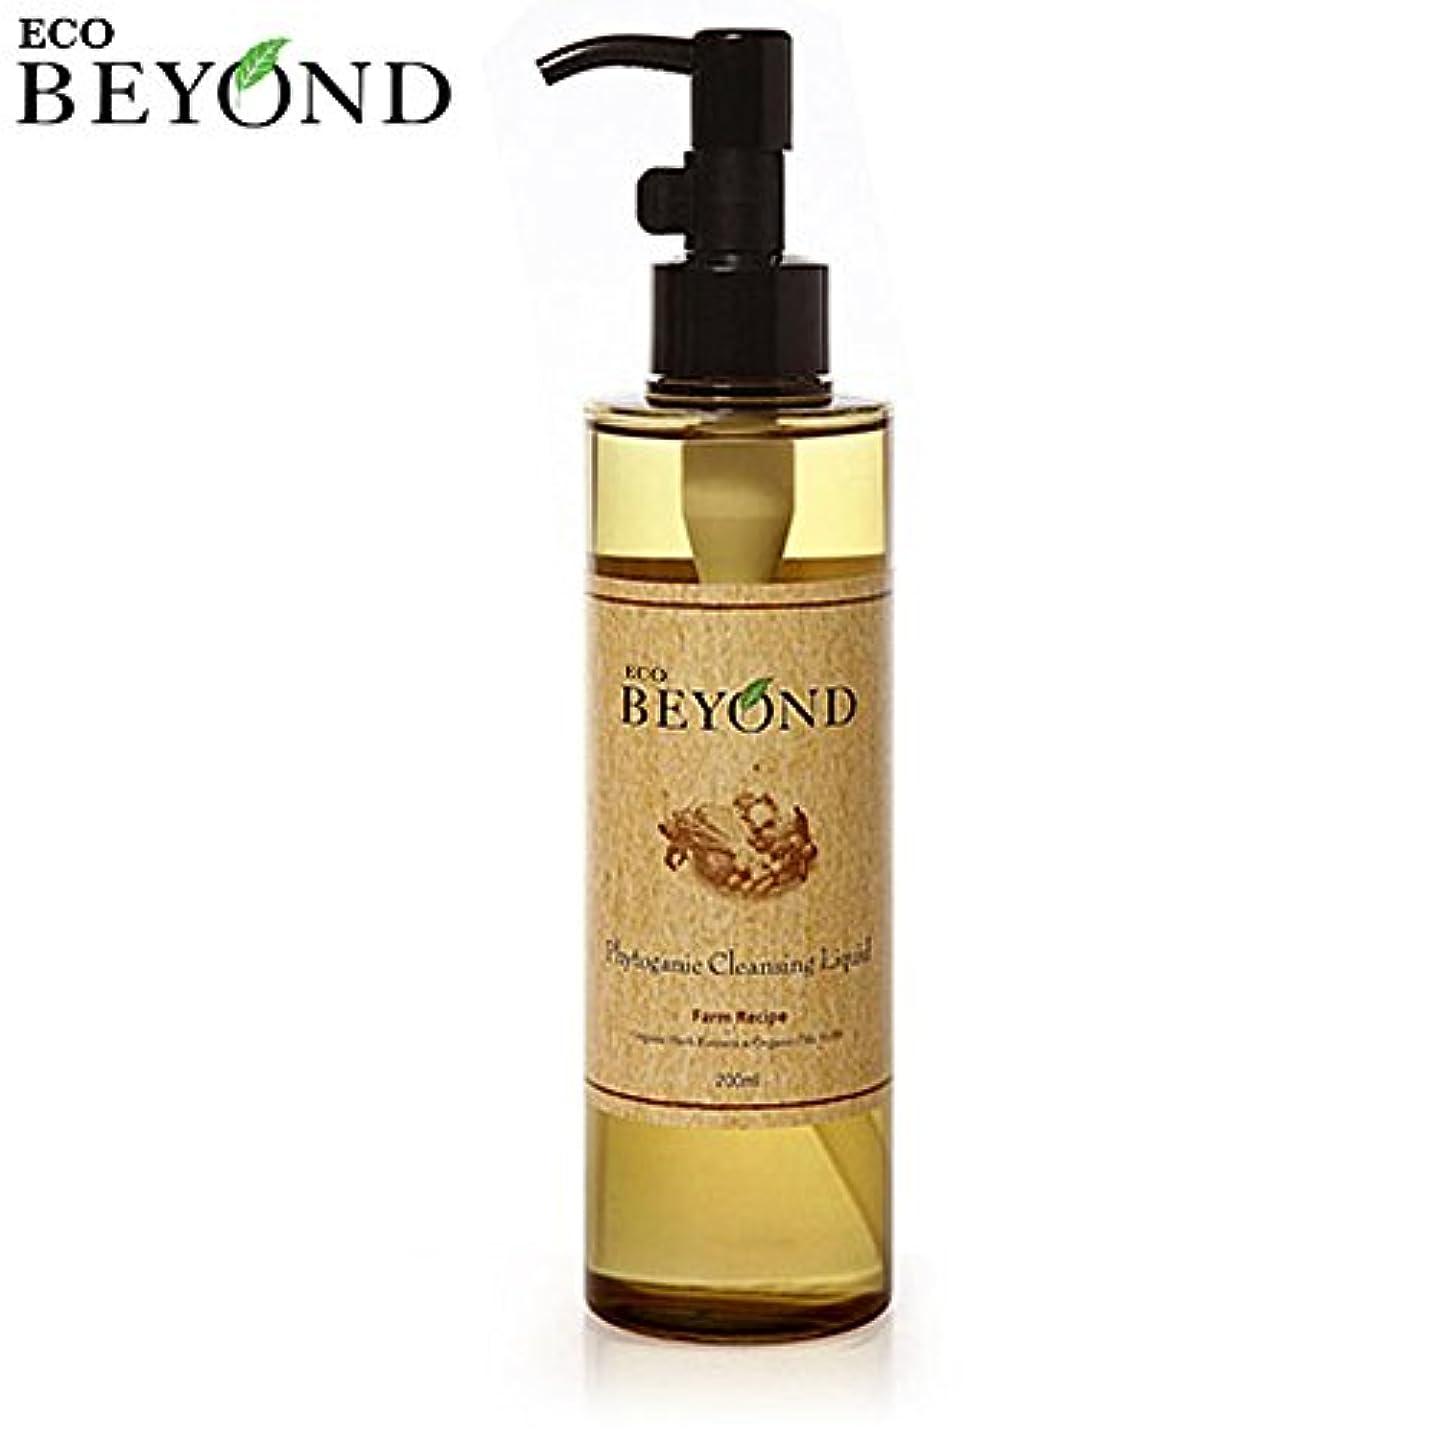 [ビヨンド] BEYOND [フィトガニック クレンジング リキッド 200ml] Phytoganic Cleansing Liquid 200ml [海外直送品]